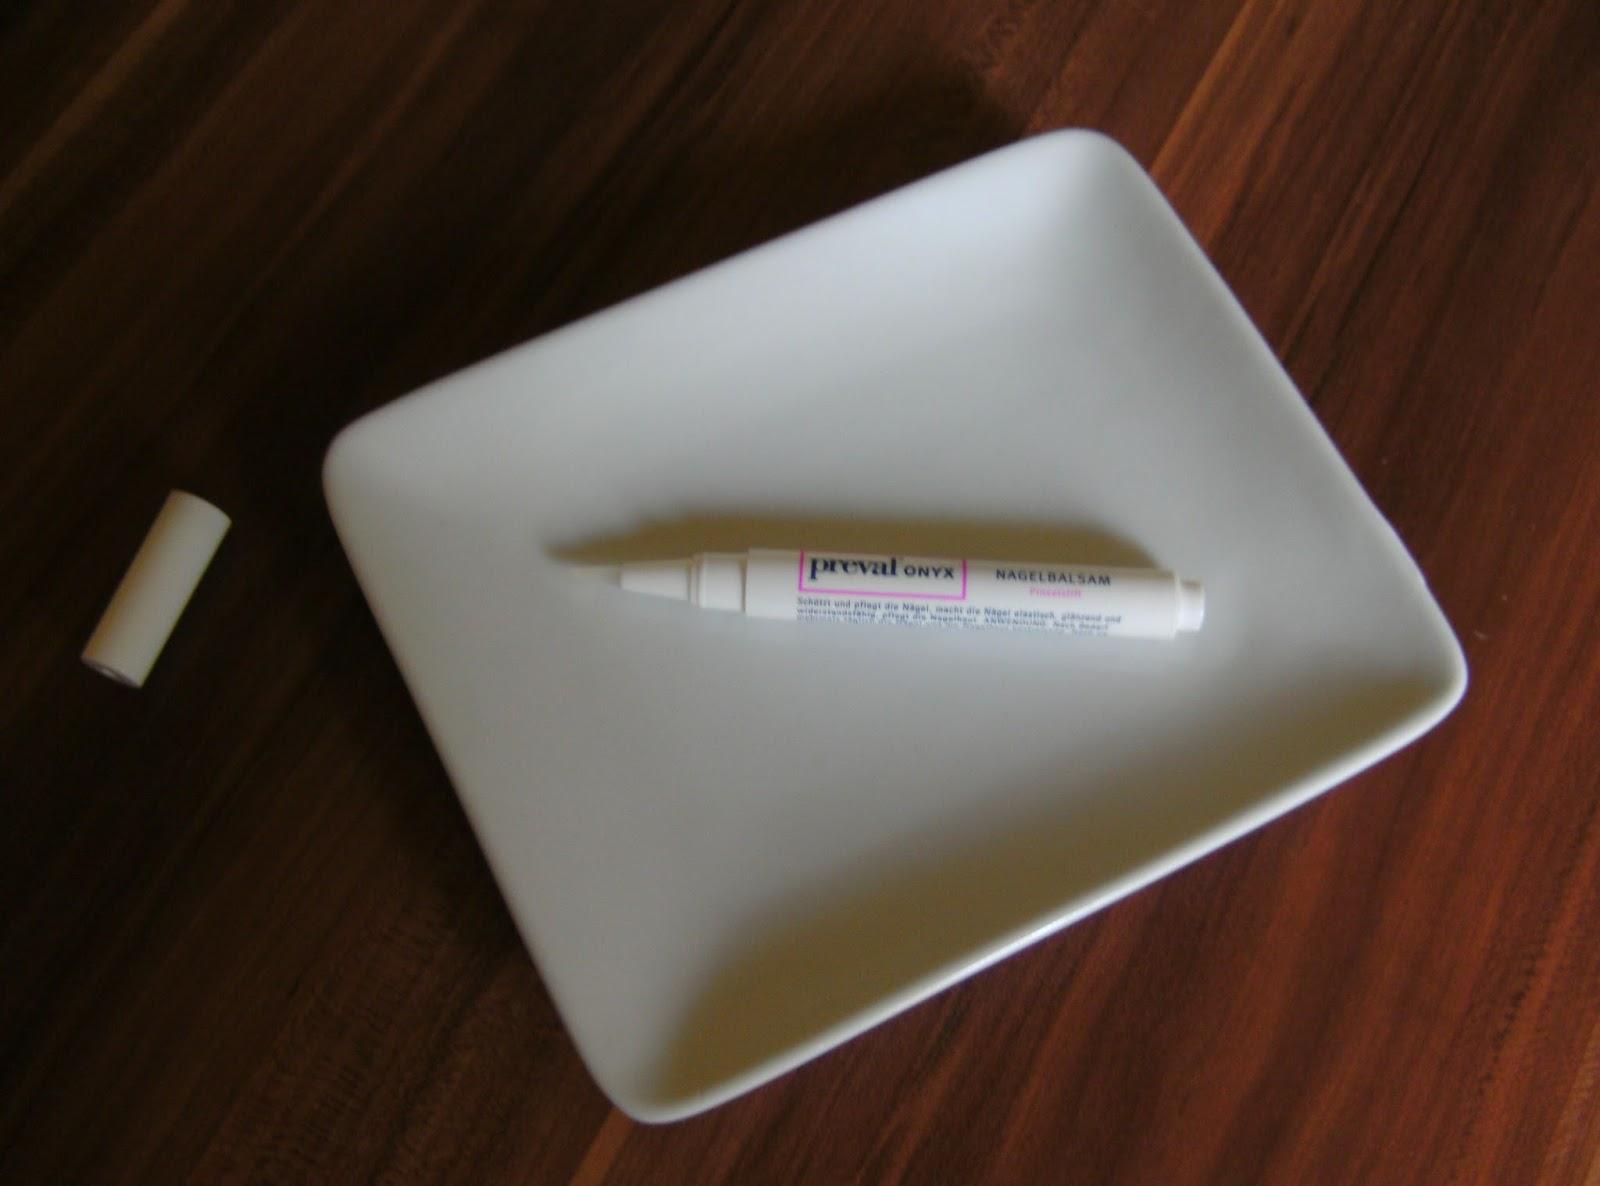 Yvonne & Sandra: Preval - Tolle Pflegeprodukte für anspruchsvolle Haut